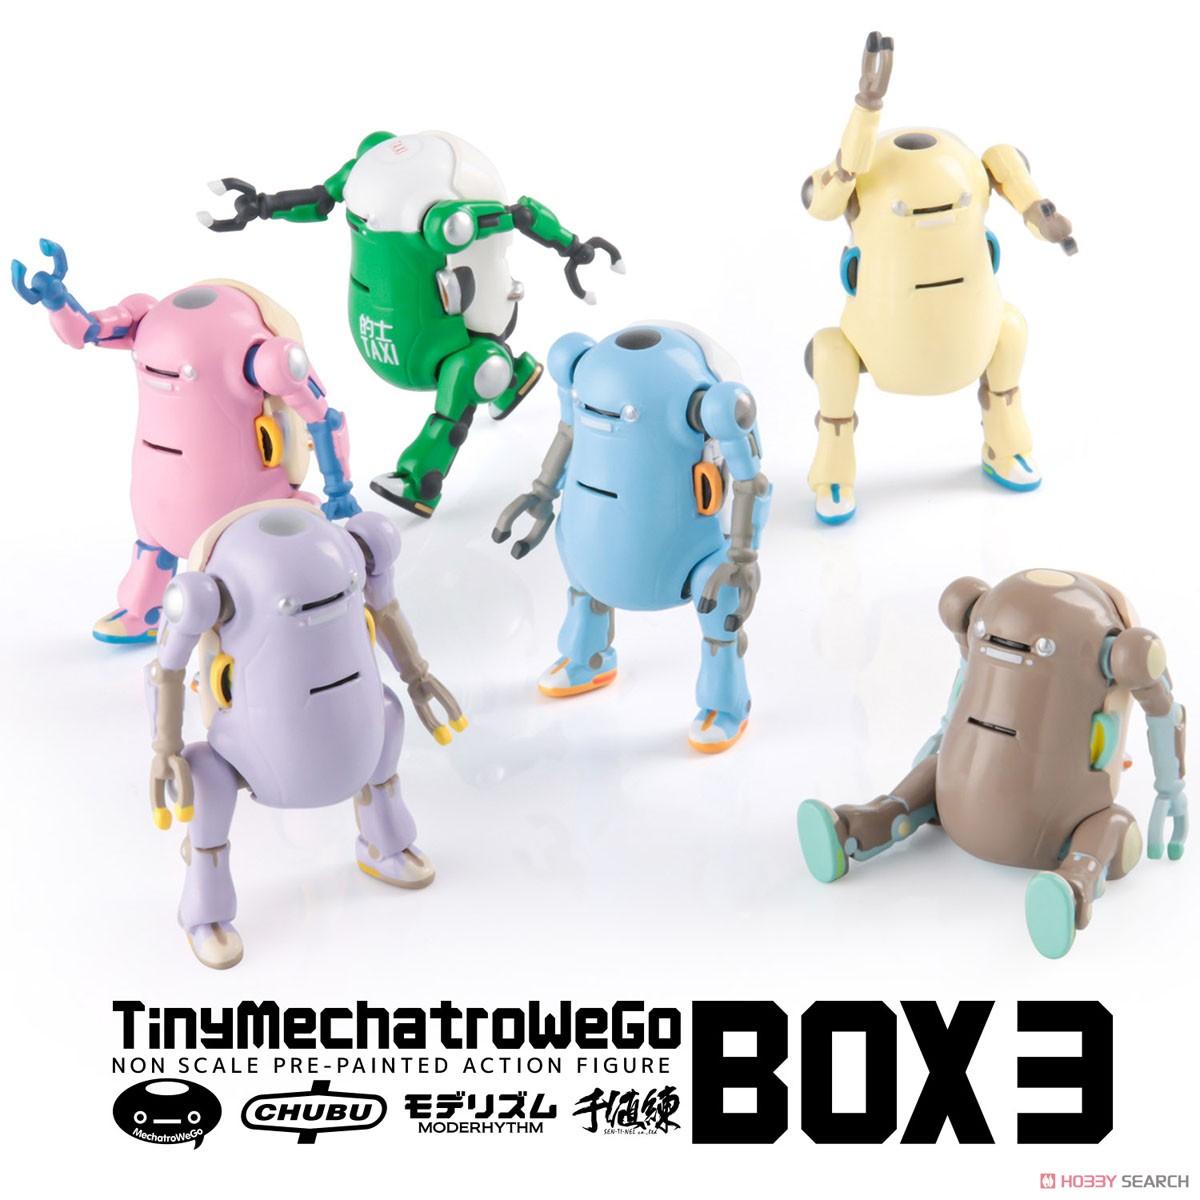 メカトロウィーゴ『タイニー メカトロウィーゴ3』6個入りBOX-001